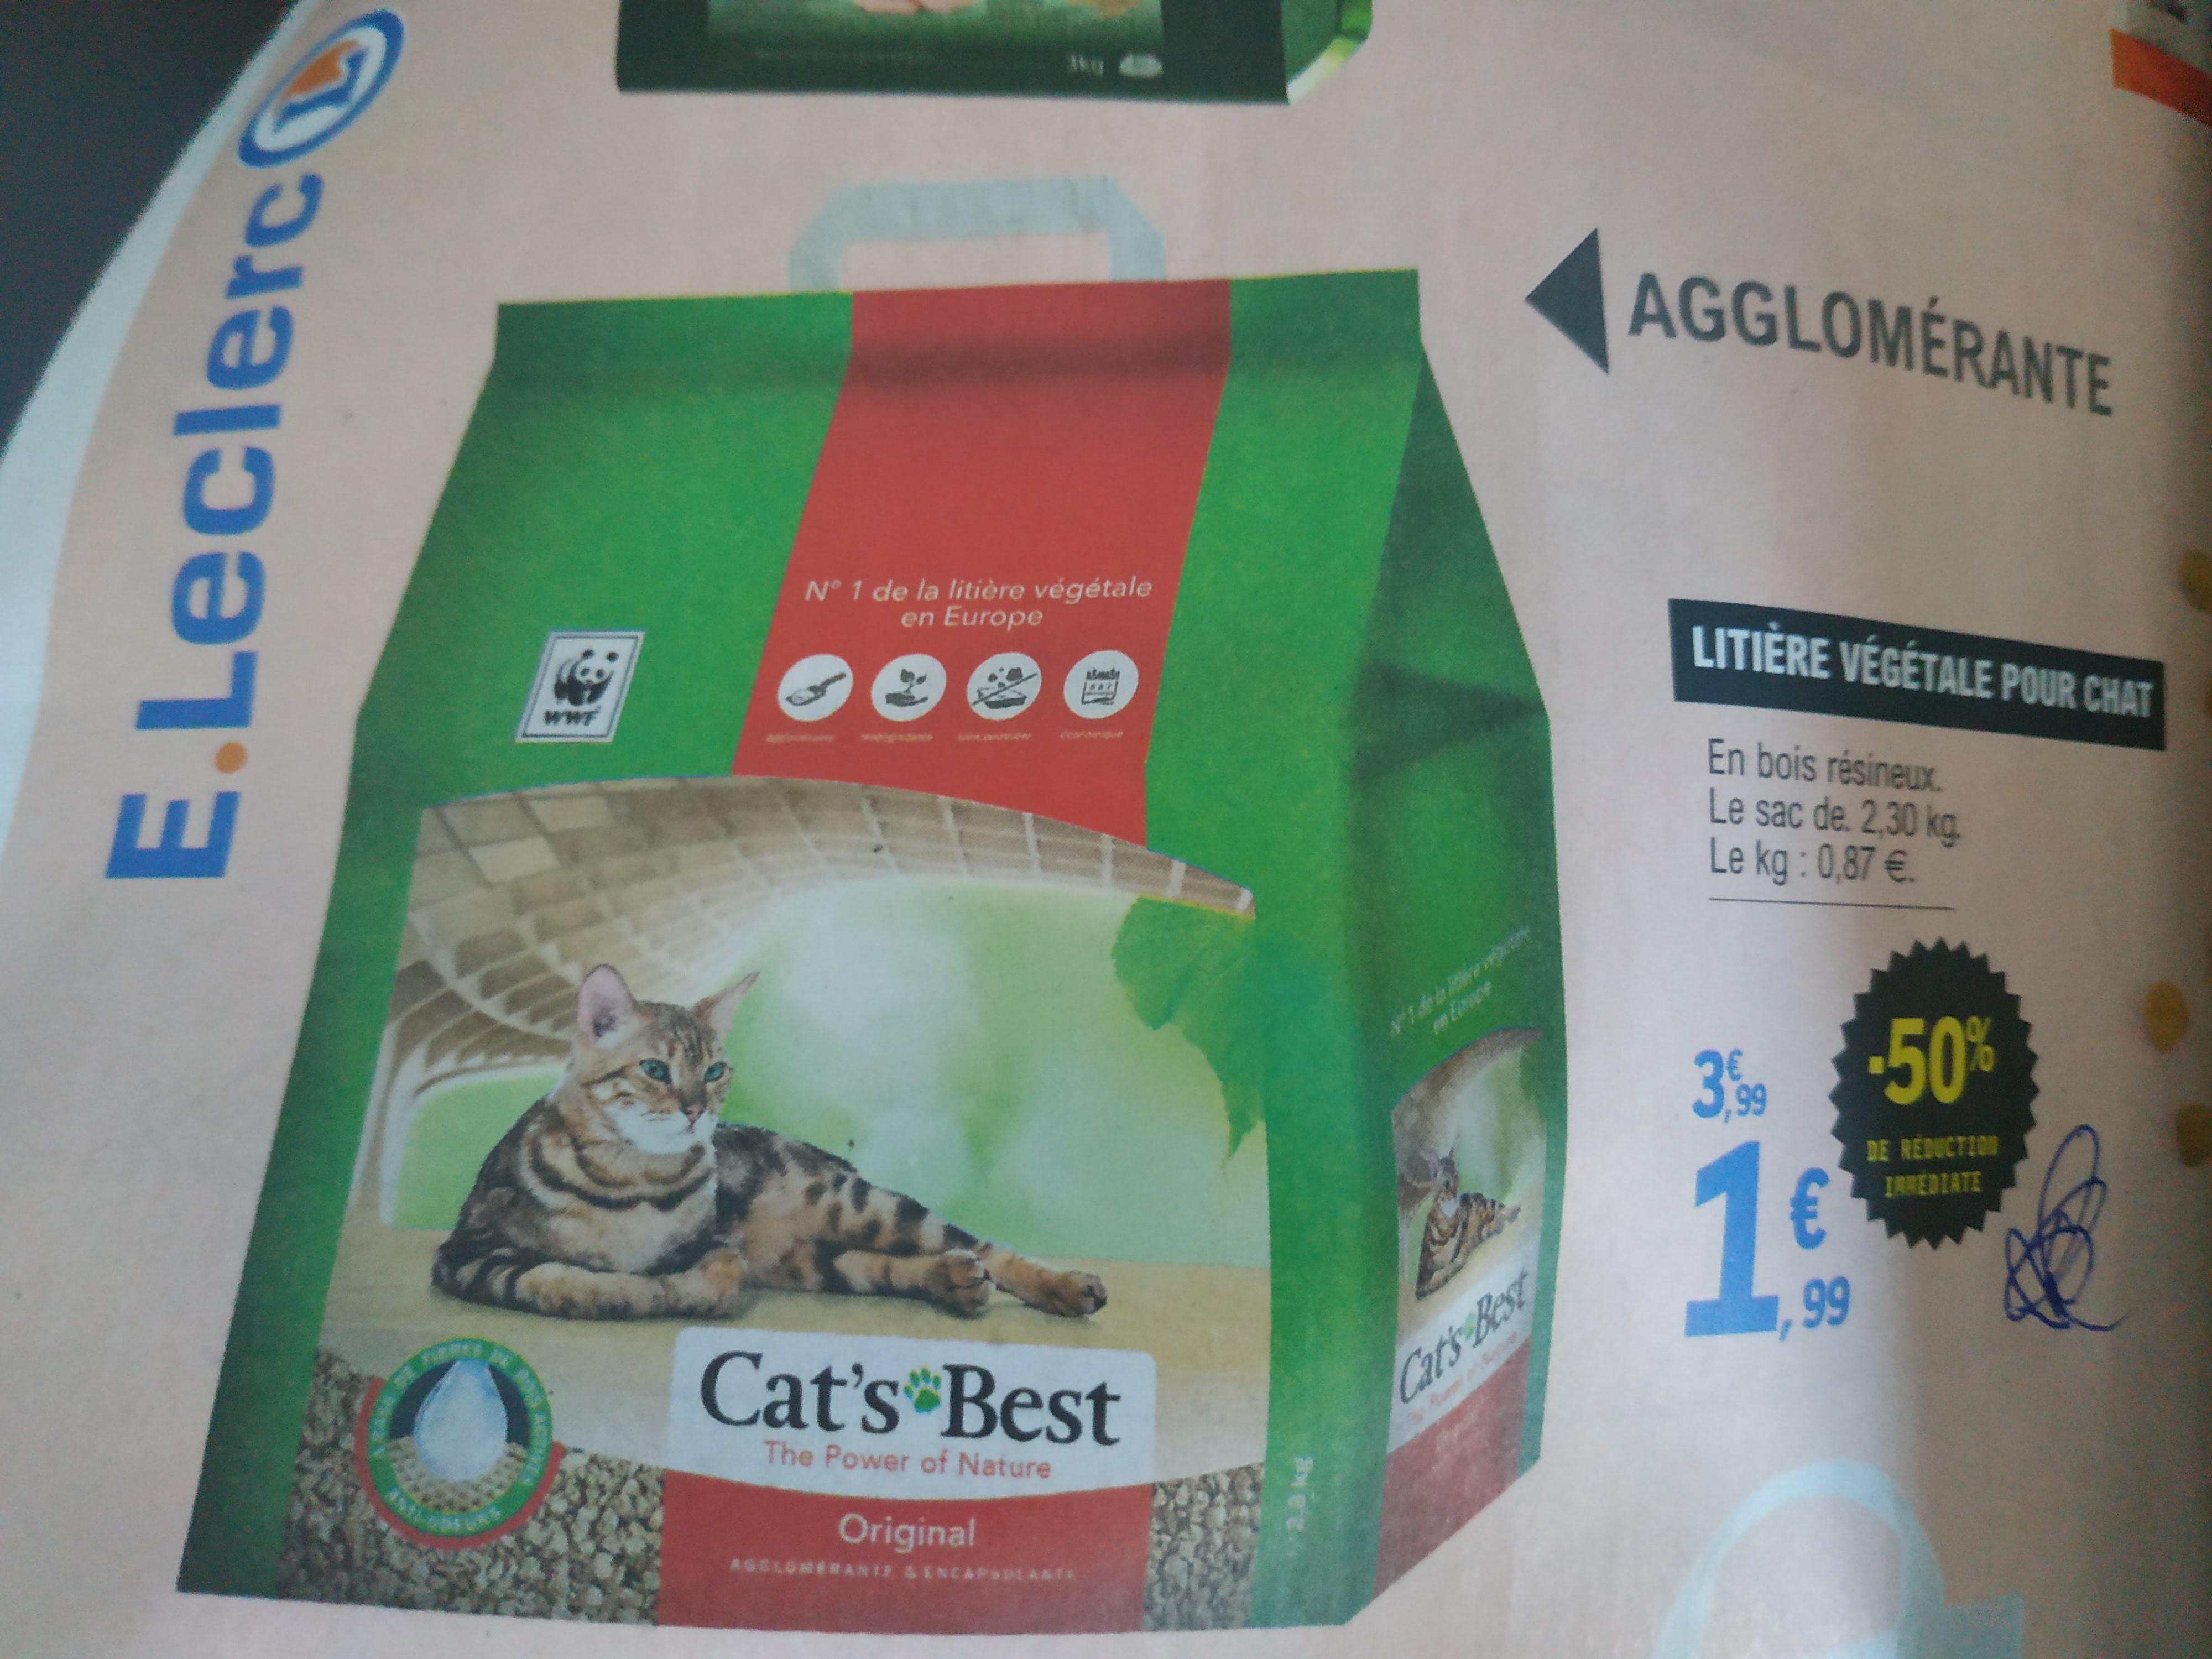 Sac de litière végétale pour chat Cats Best Original - 2,3 Kg